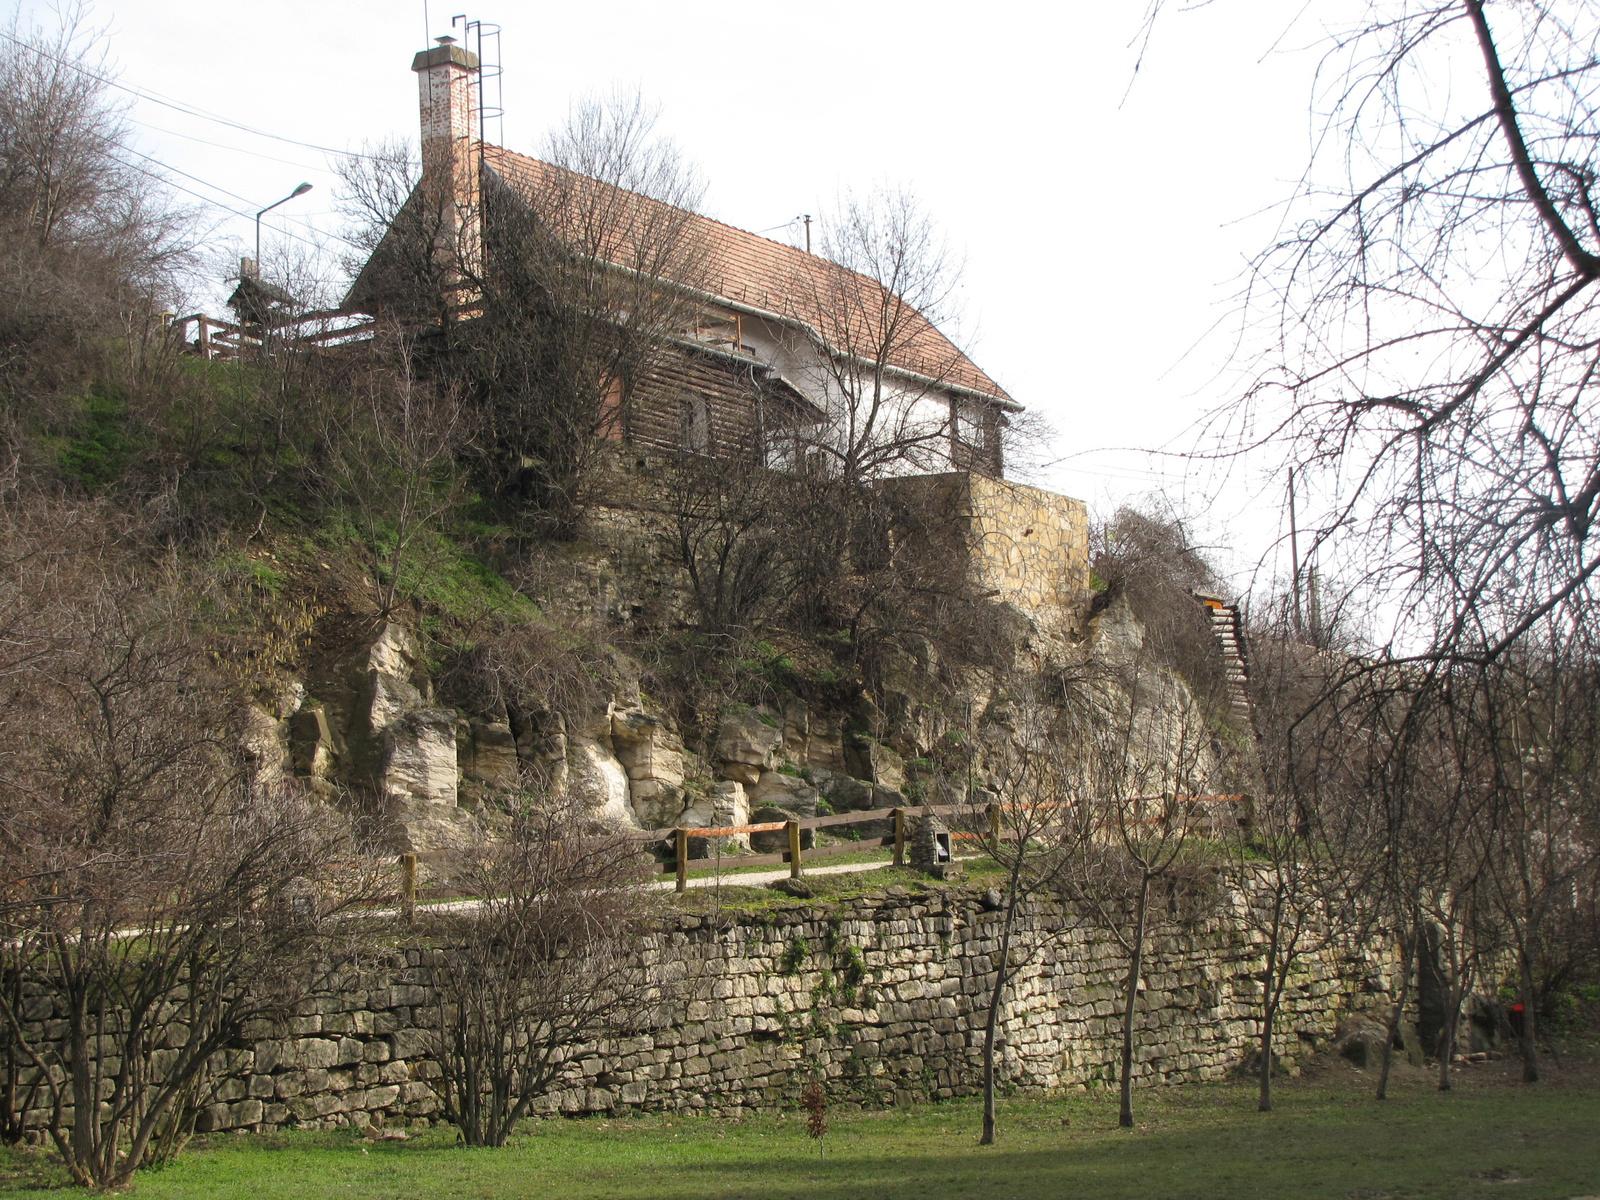 Budapest, a Pál-völgyi barlang, a kőbánya területe, SzG3